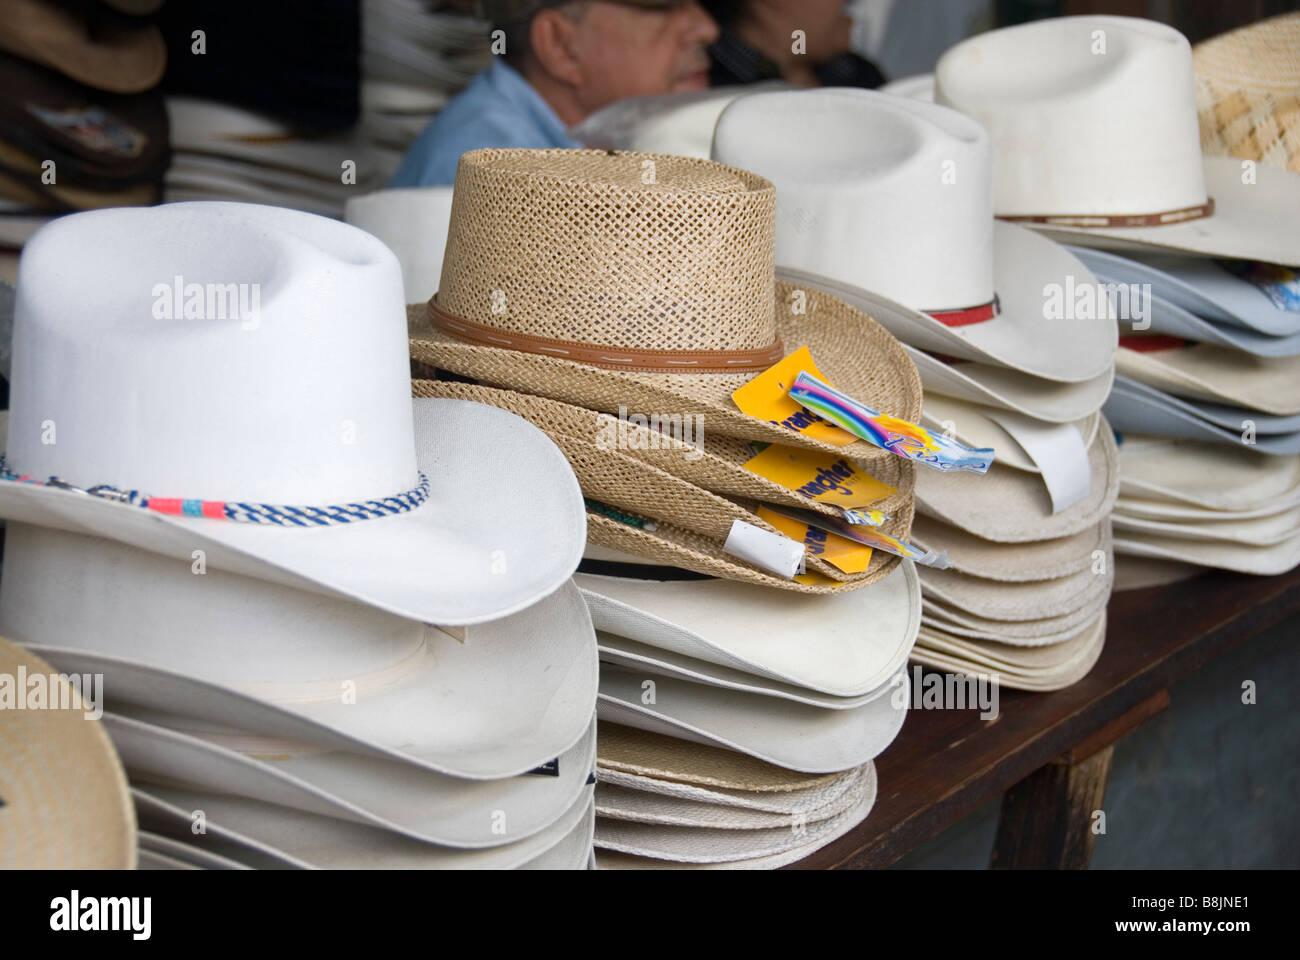 383694d091532 Sombreros para venta en guatemala foto imagen de stock sombreros de  guatemala viquez sombreros jpg 1300x960